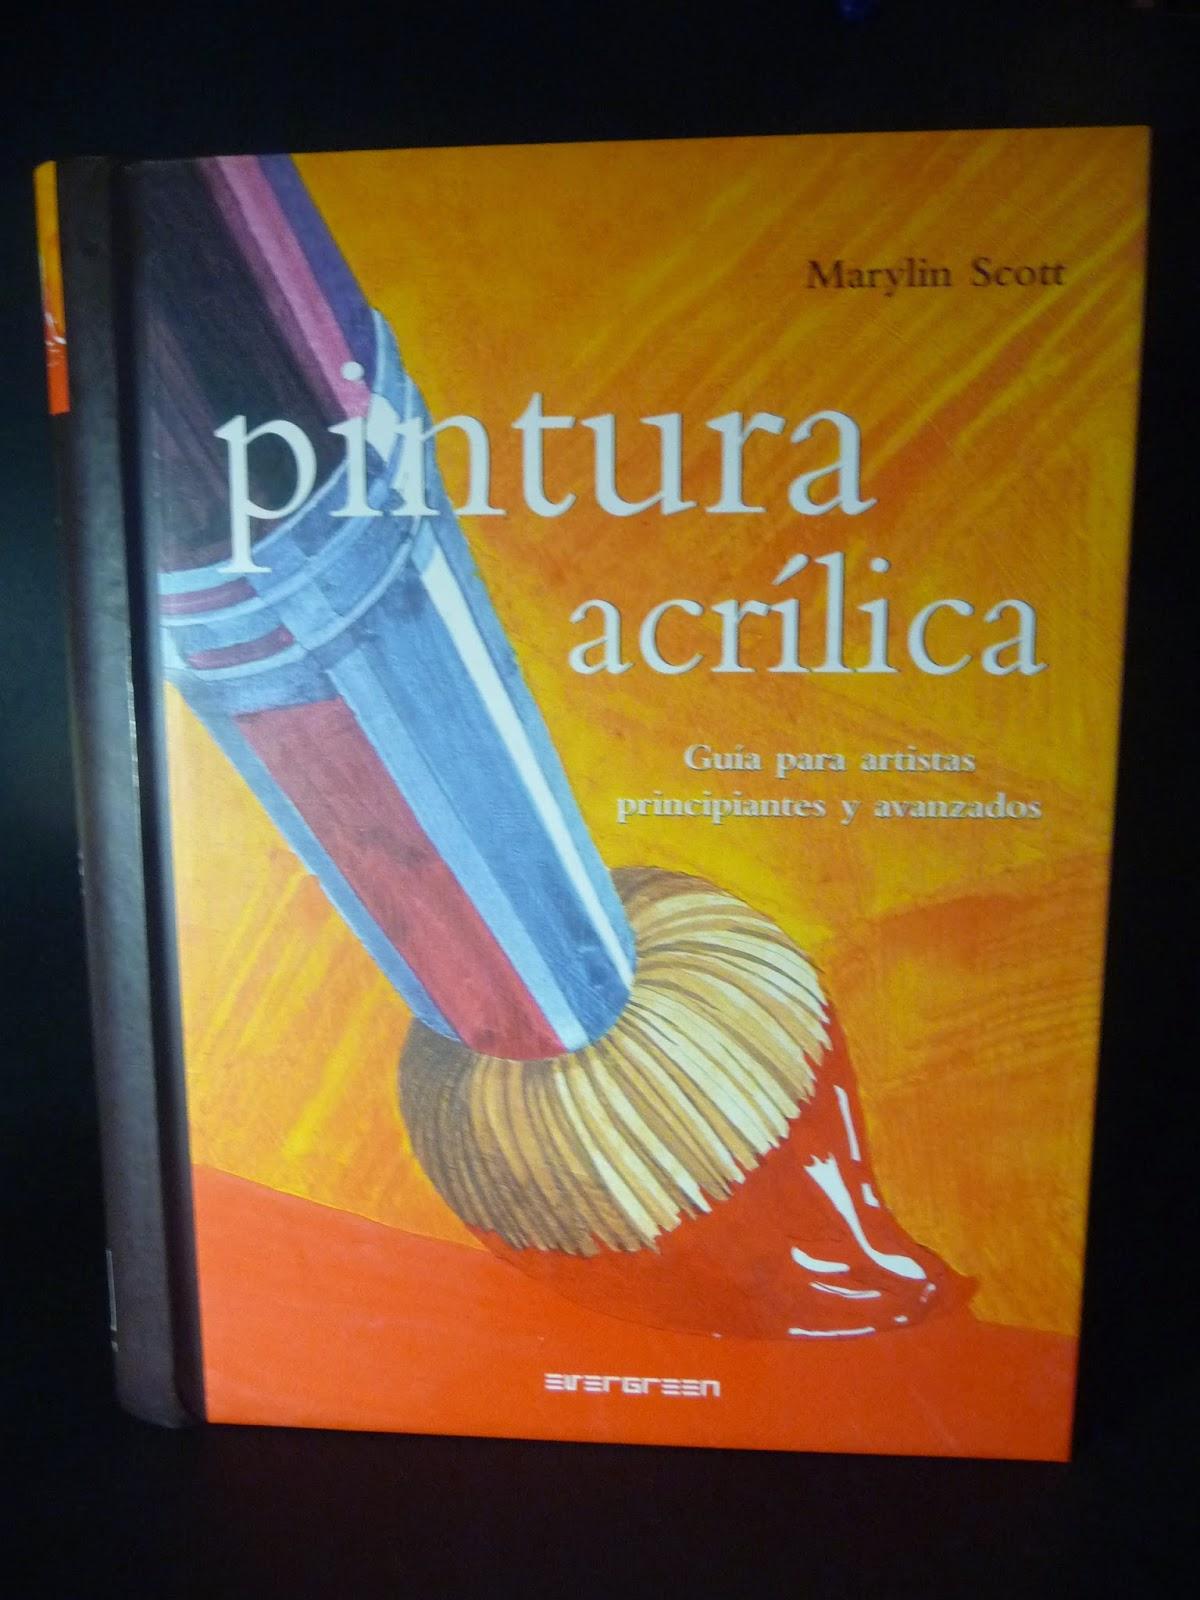 Kpg models buen libro para aprender a pintar con acr licos - Aprender a pintar ...